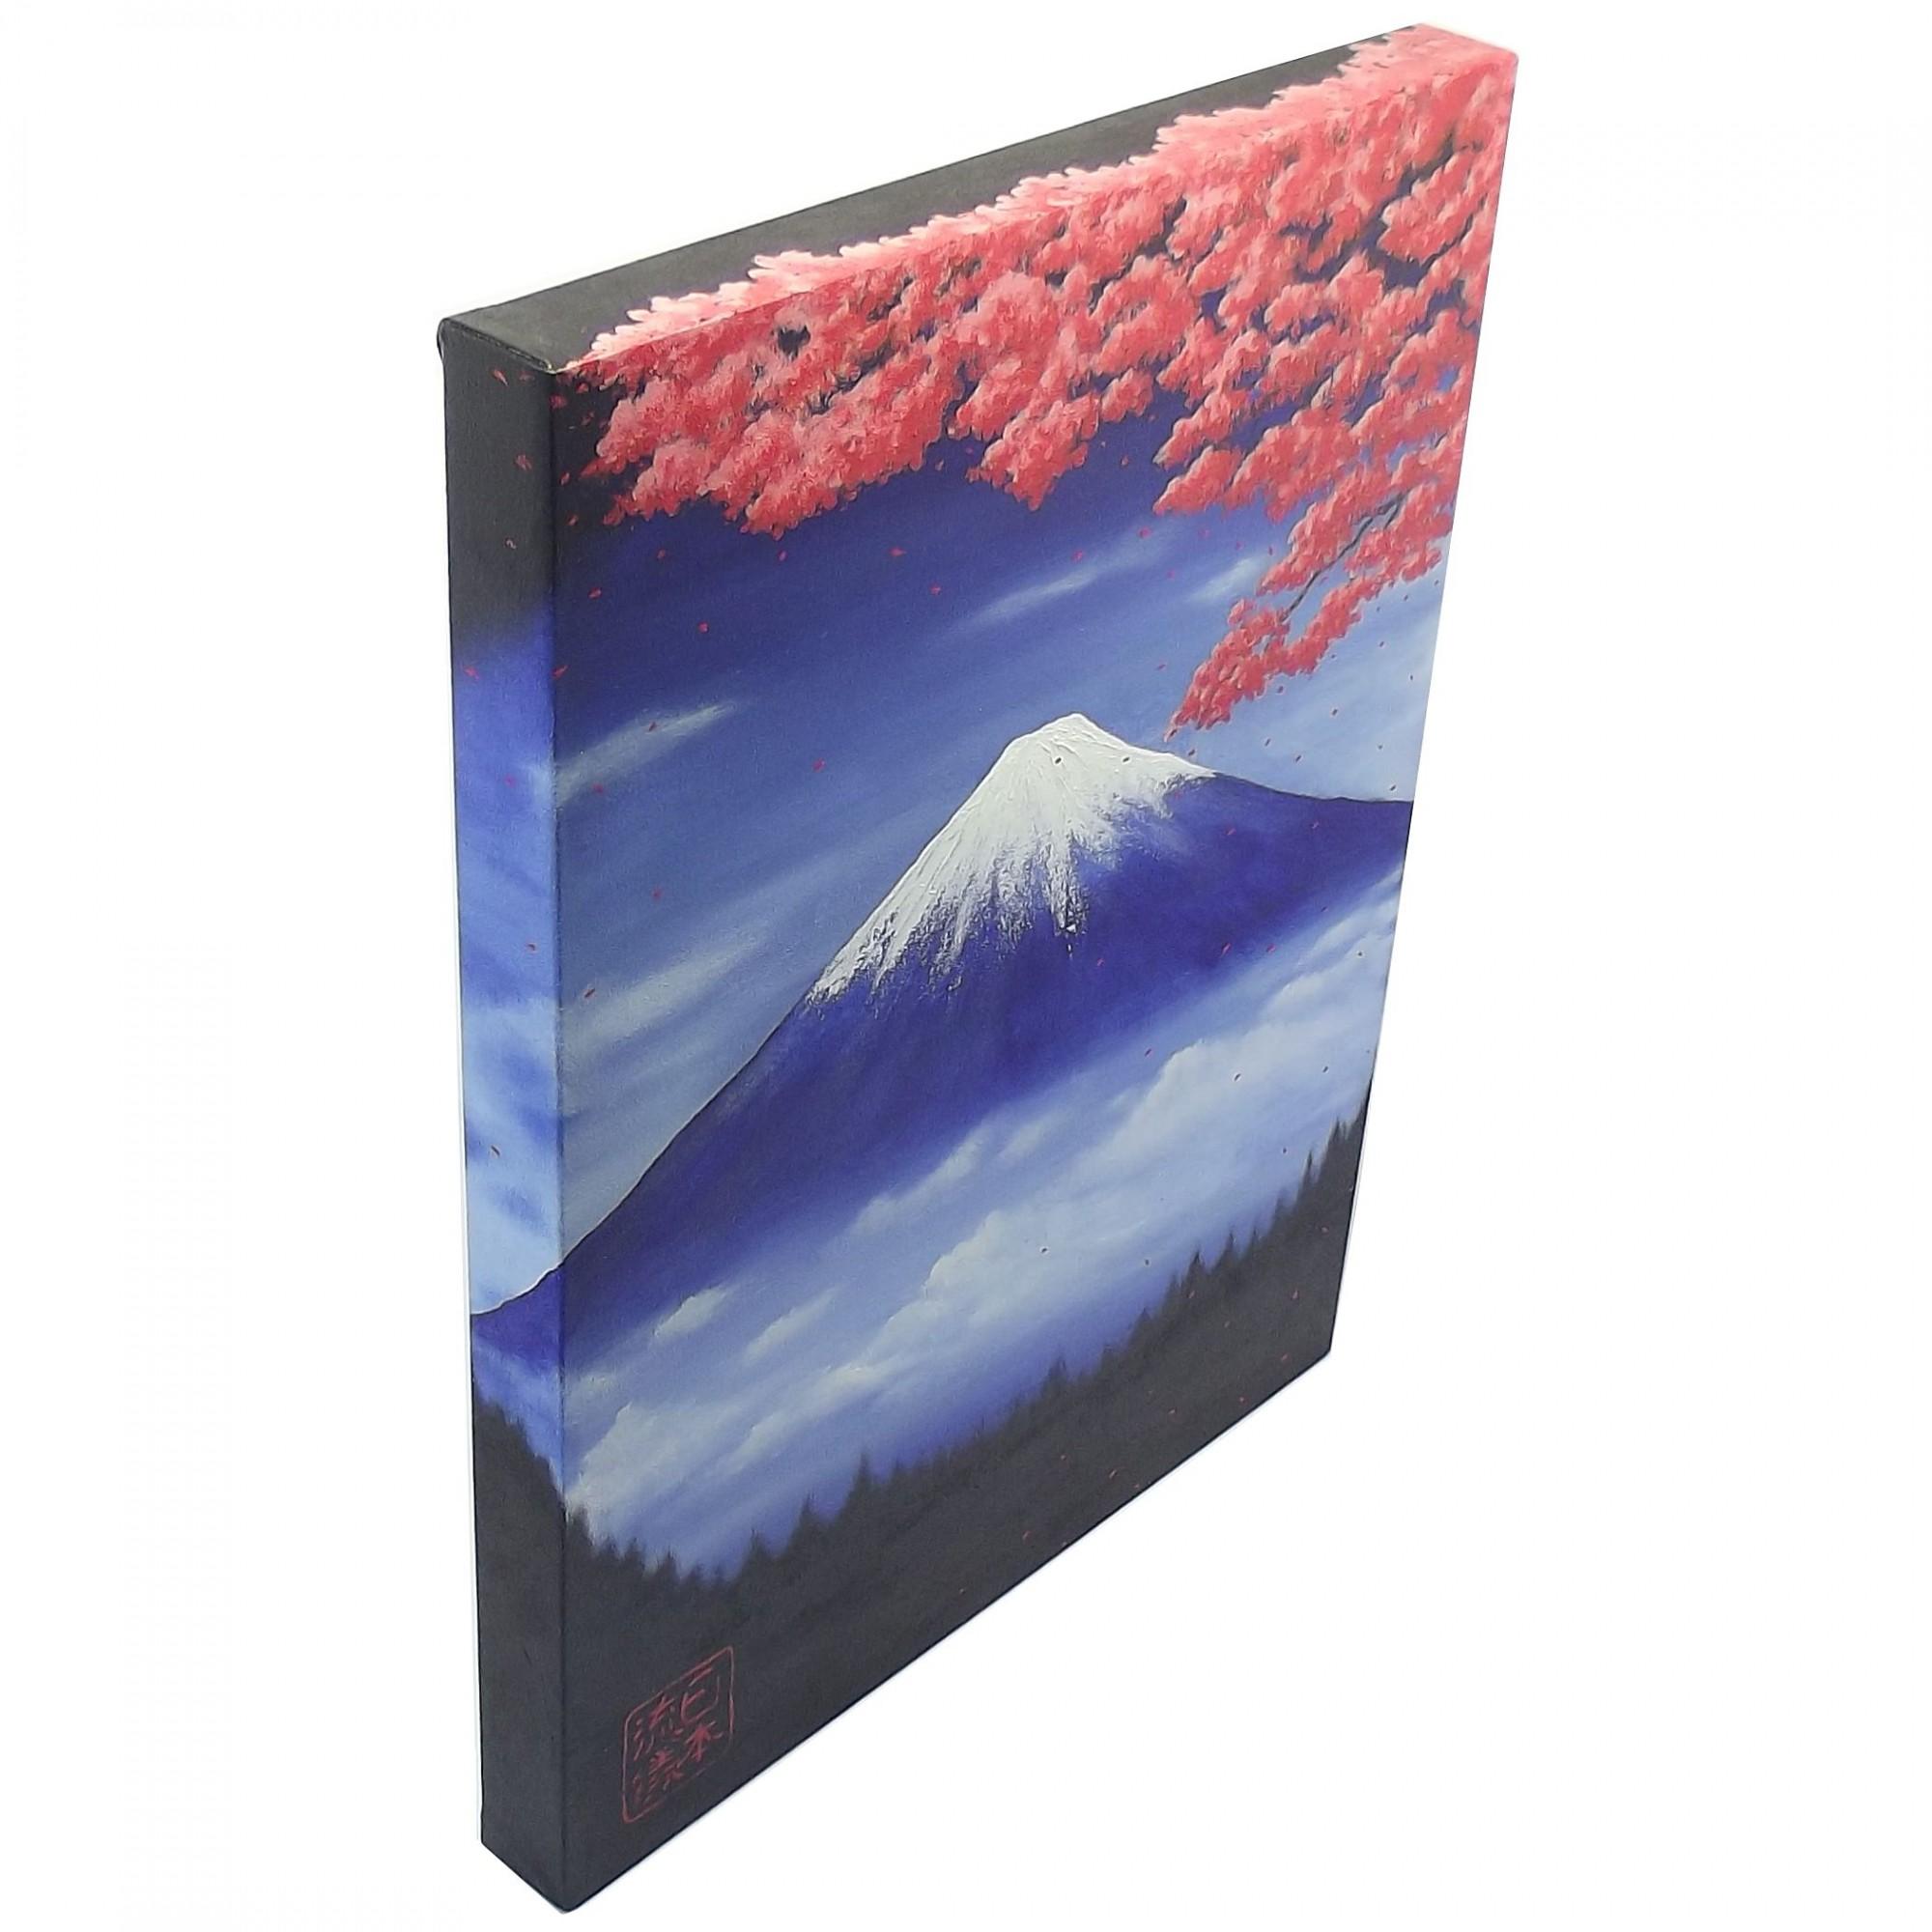 Quadro Estilo Japonês Monte Fuji Sakura Pintado à Mão 50x40cm / Decoração Oriental, Arte, Estampa Japonesa, Fujiyama